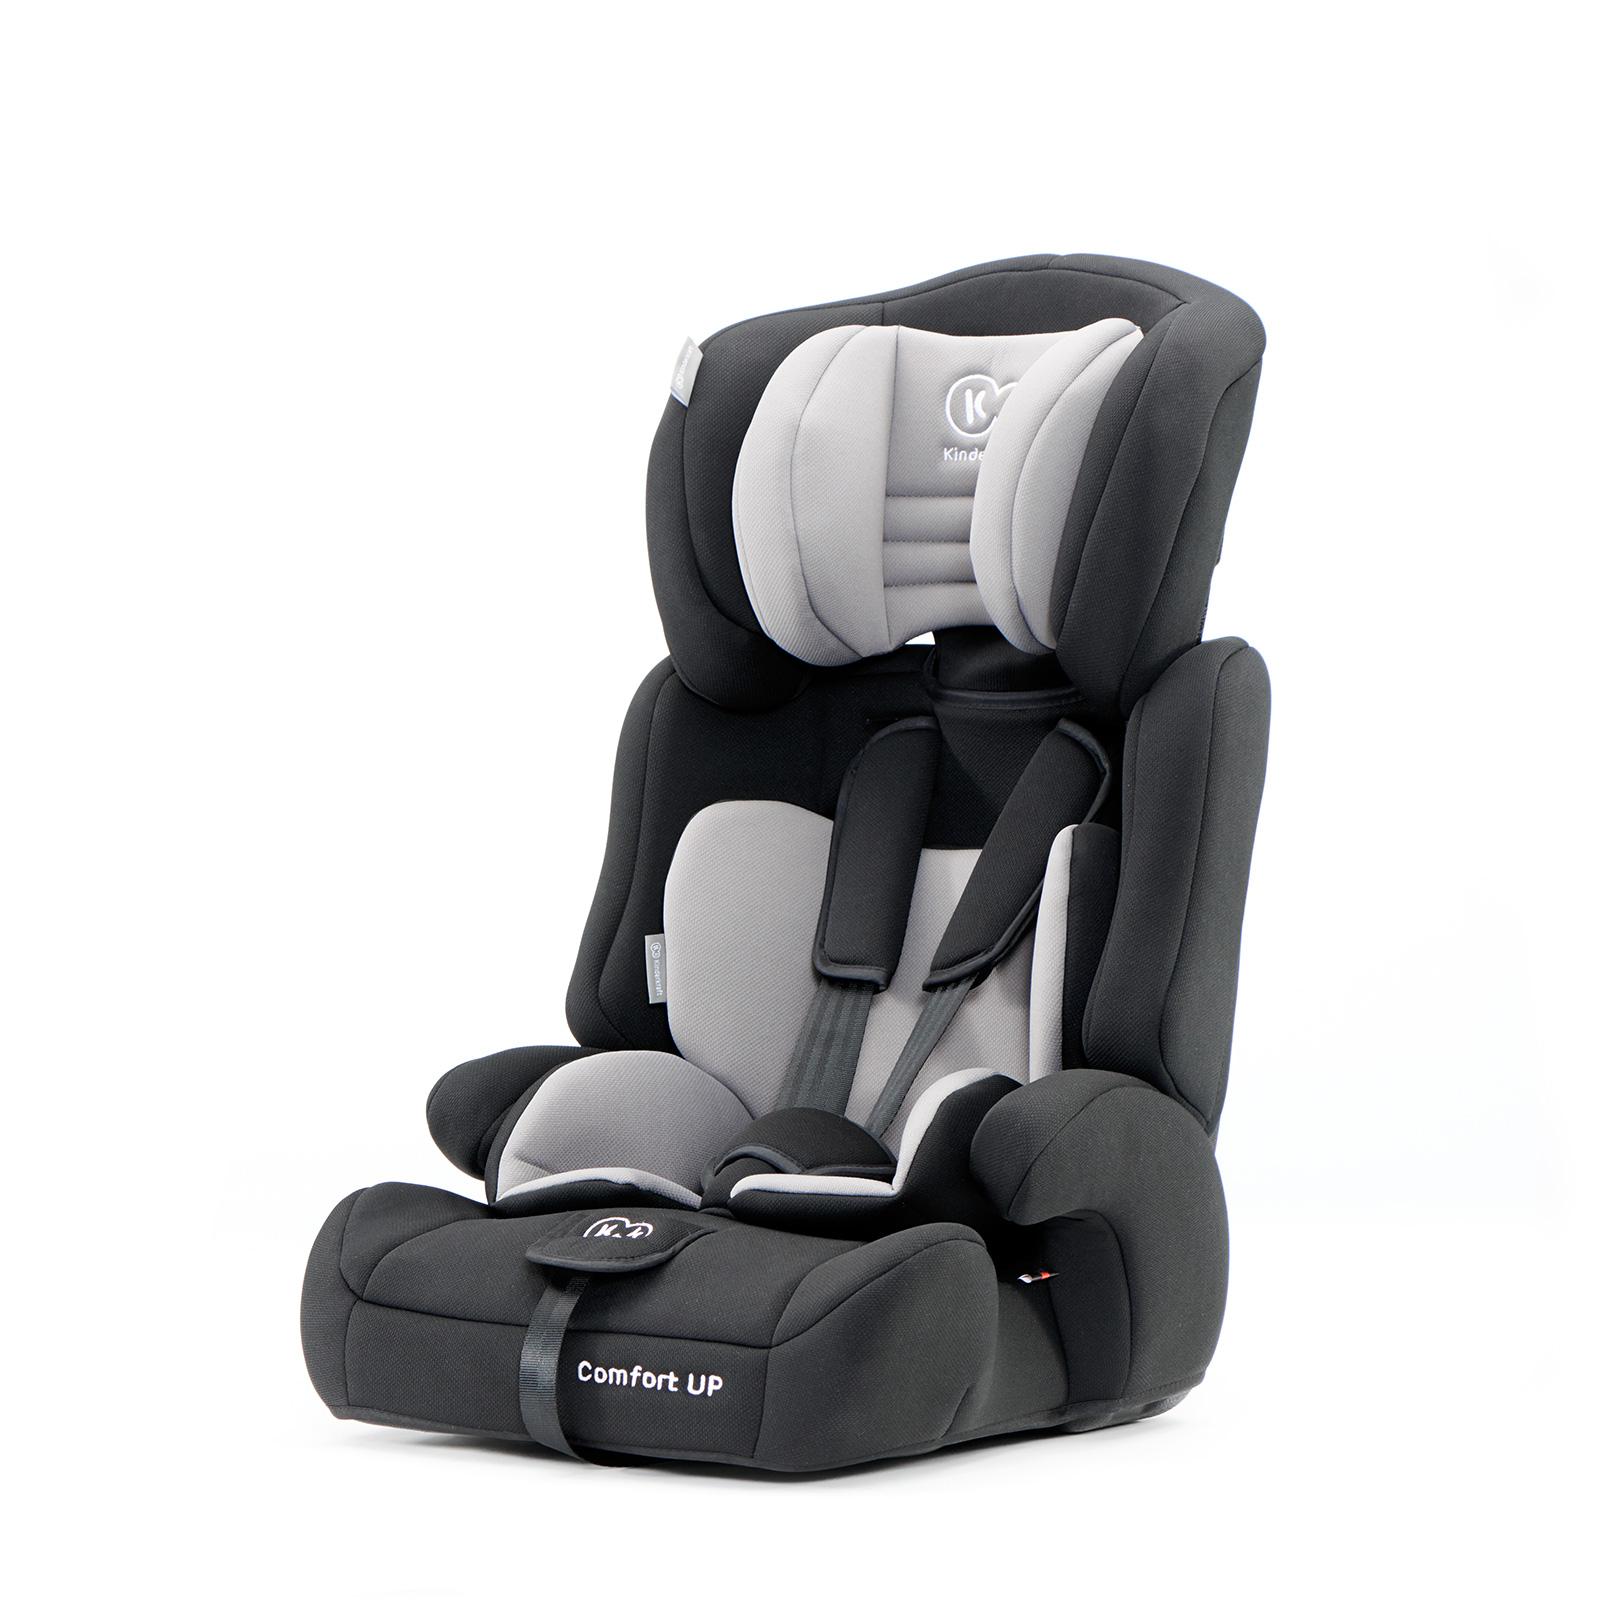 Autosedačka Comfort Up Black 9-36kg Kinderkraft 2019